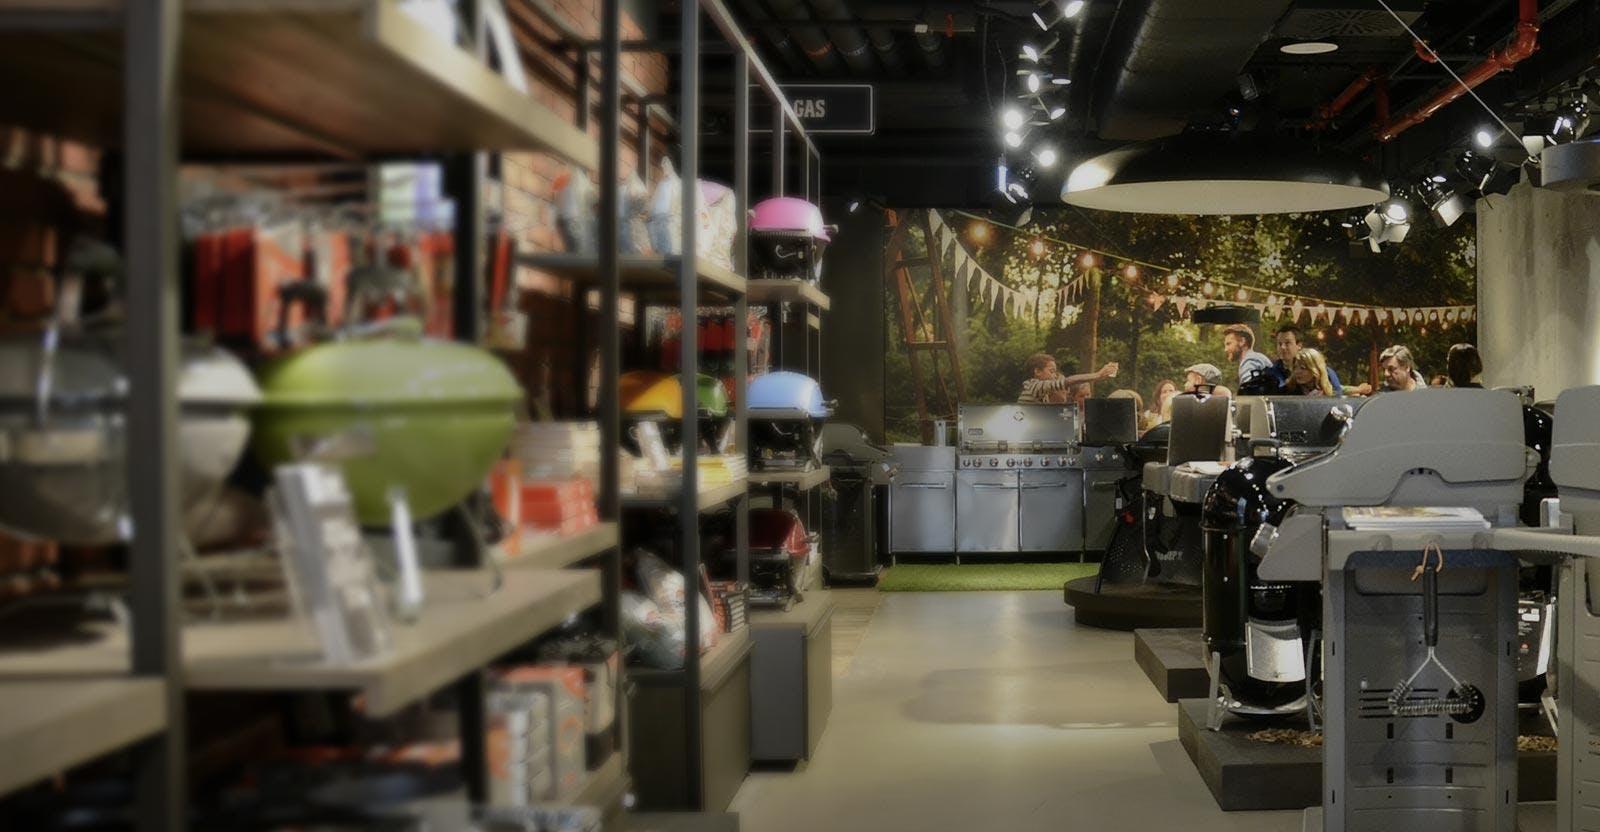 Weber Outdoor Küche Xxl : Willkommen in der welt des grillens weber grill original